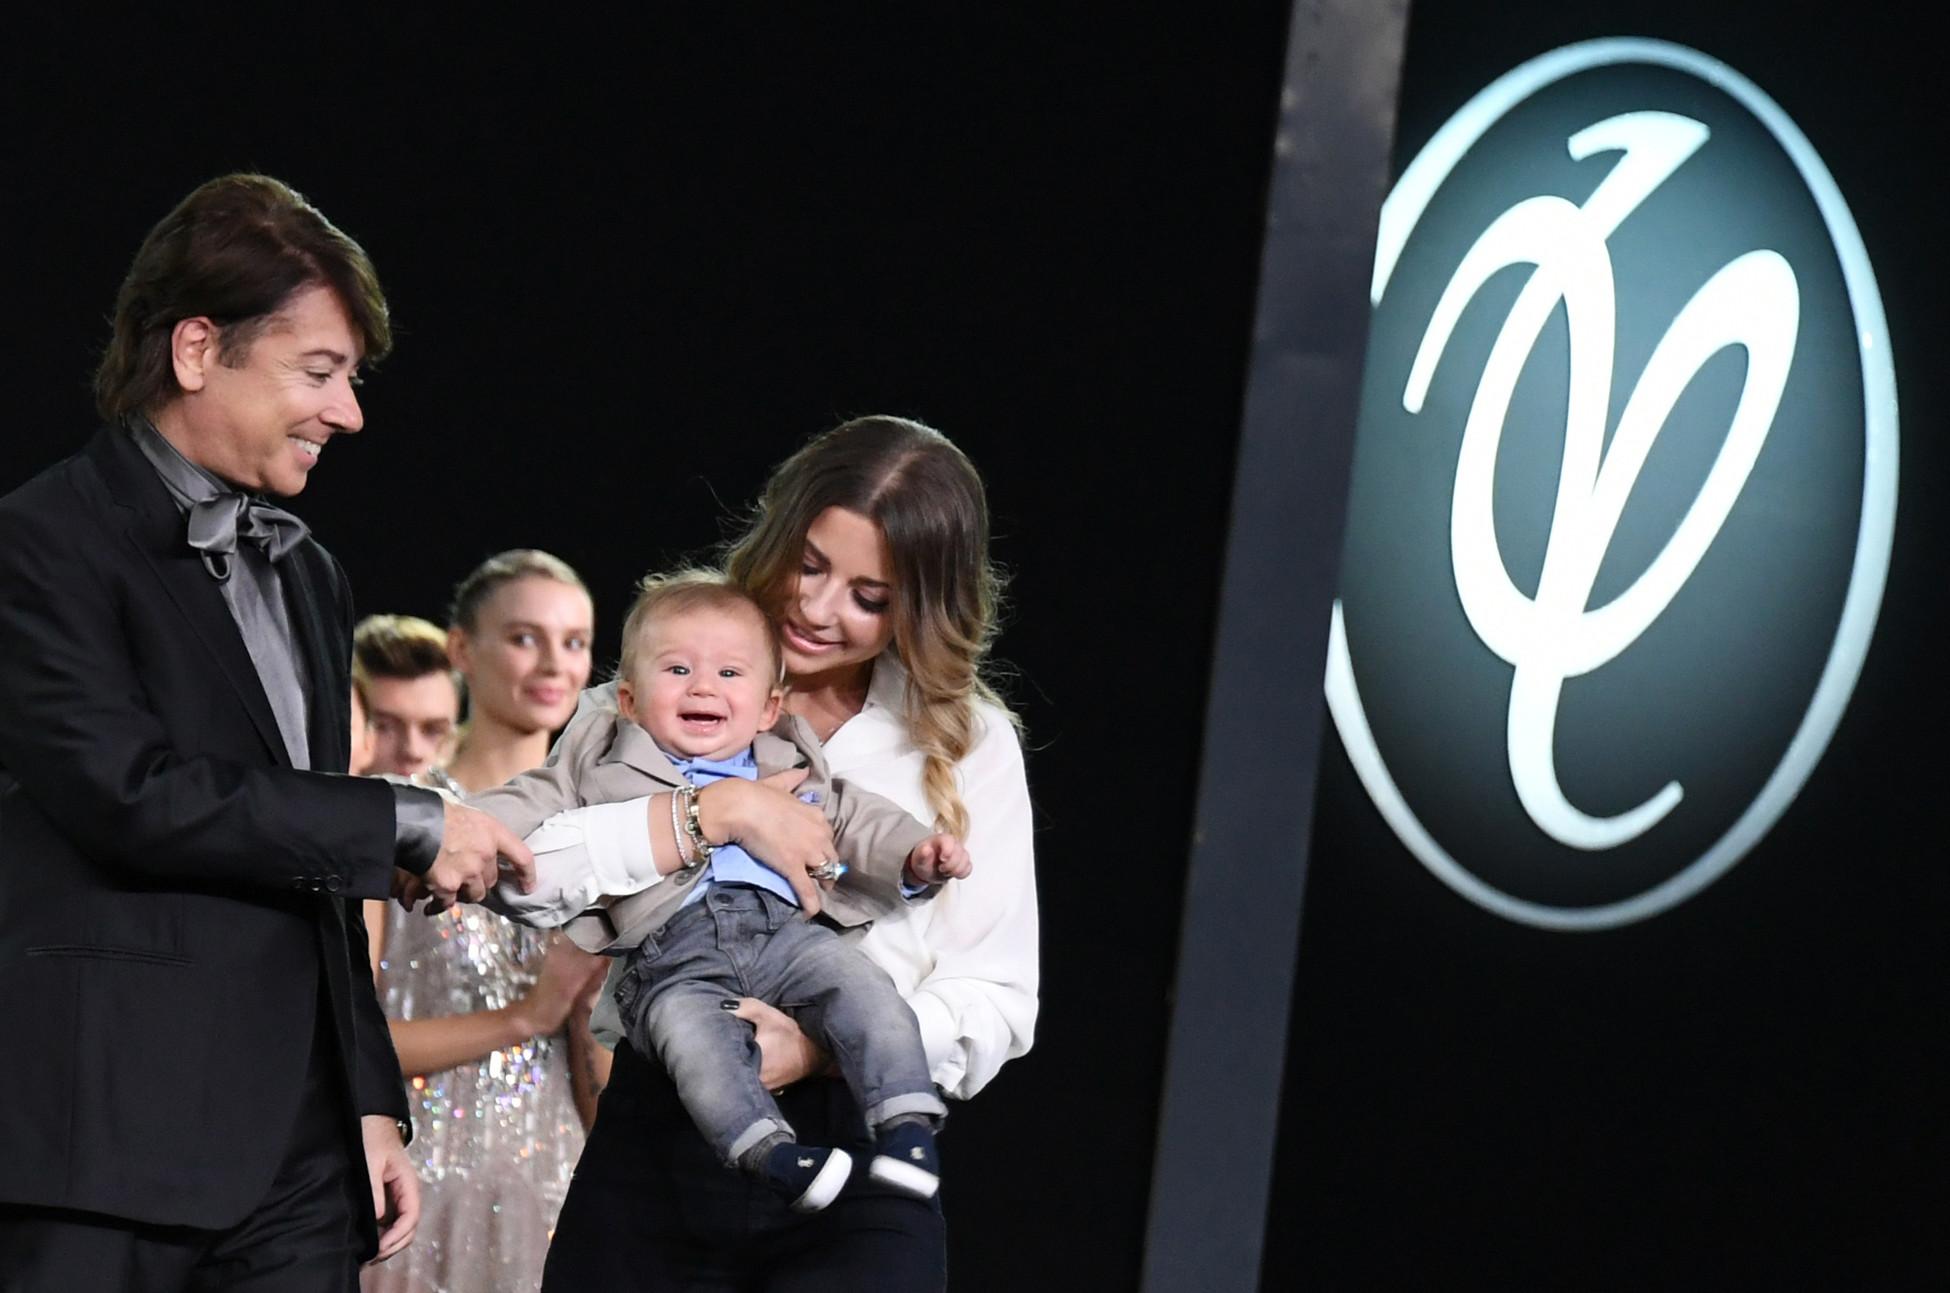 Валентин Юдашкин с дочерью Галиной и внуком Анатолием Фото: РИА Новости/Екатерина Чеснокова